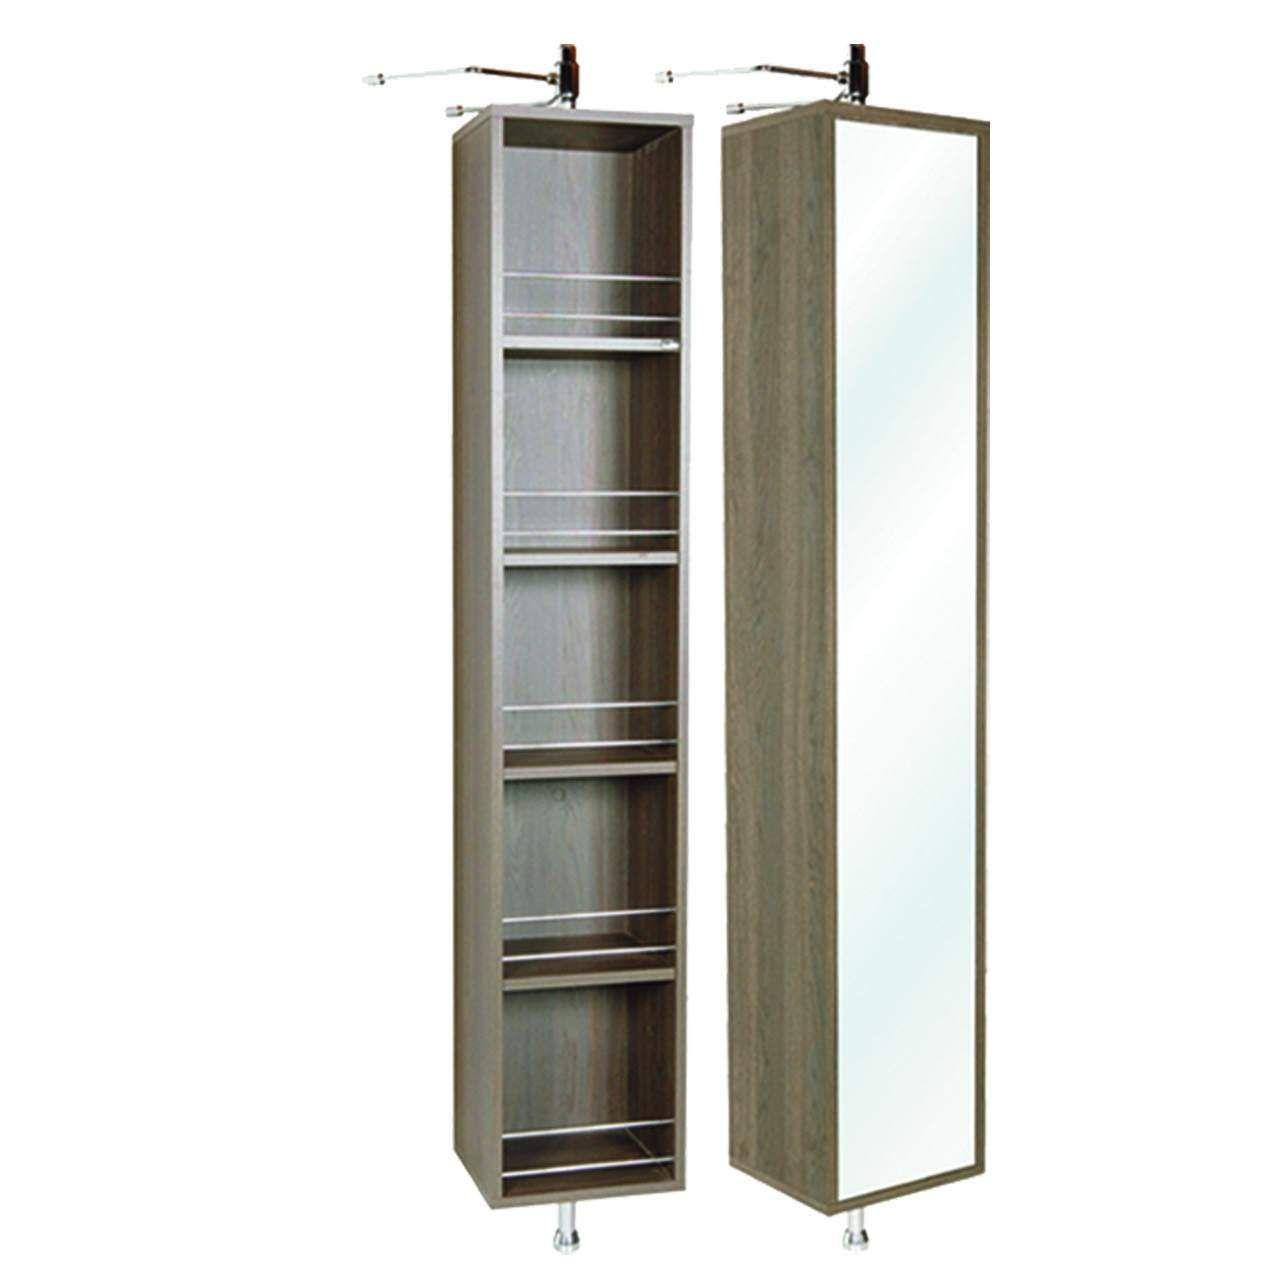 Zola Mezzo Turn Panel Rotating Mirror Open Shelf Zerkalo S Yashikami Hranenie V Vannoj Vannaya Komnata